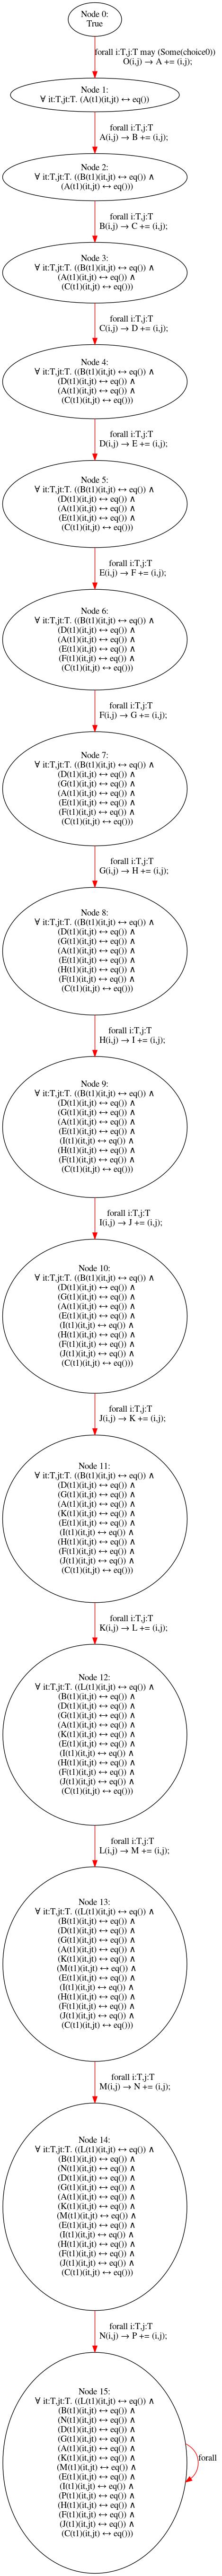 results/nonomitting/fixedarity15/fixedarity15_stubborn_alleq_0.png